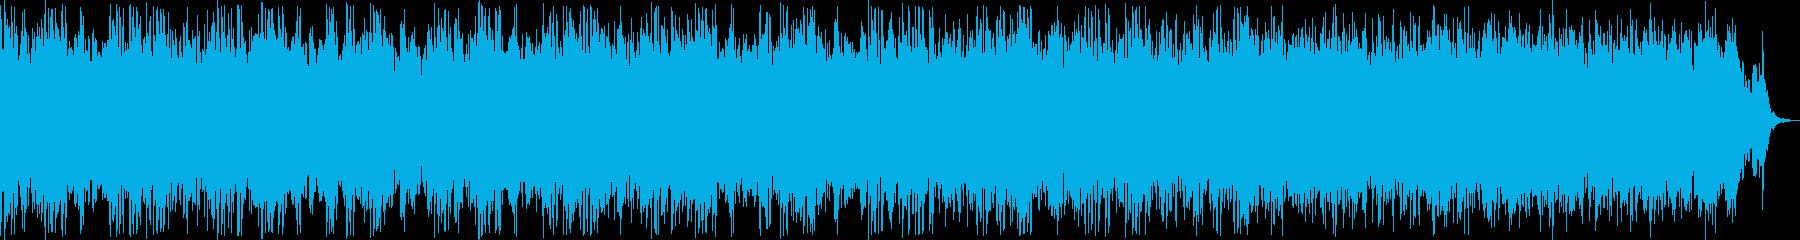 優しいピアノリラクゼーションミュージックの再生済みの波形